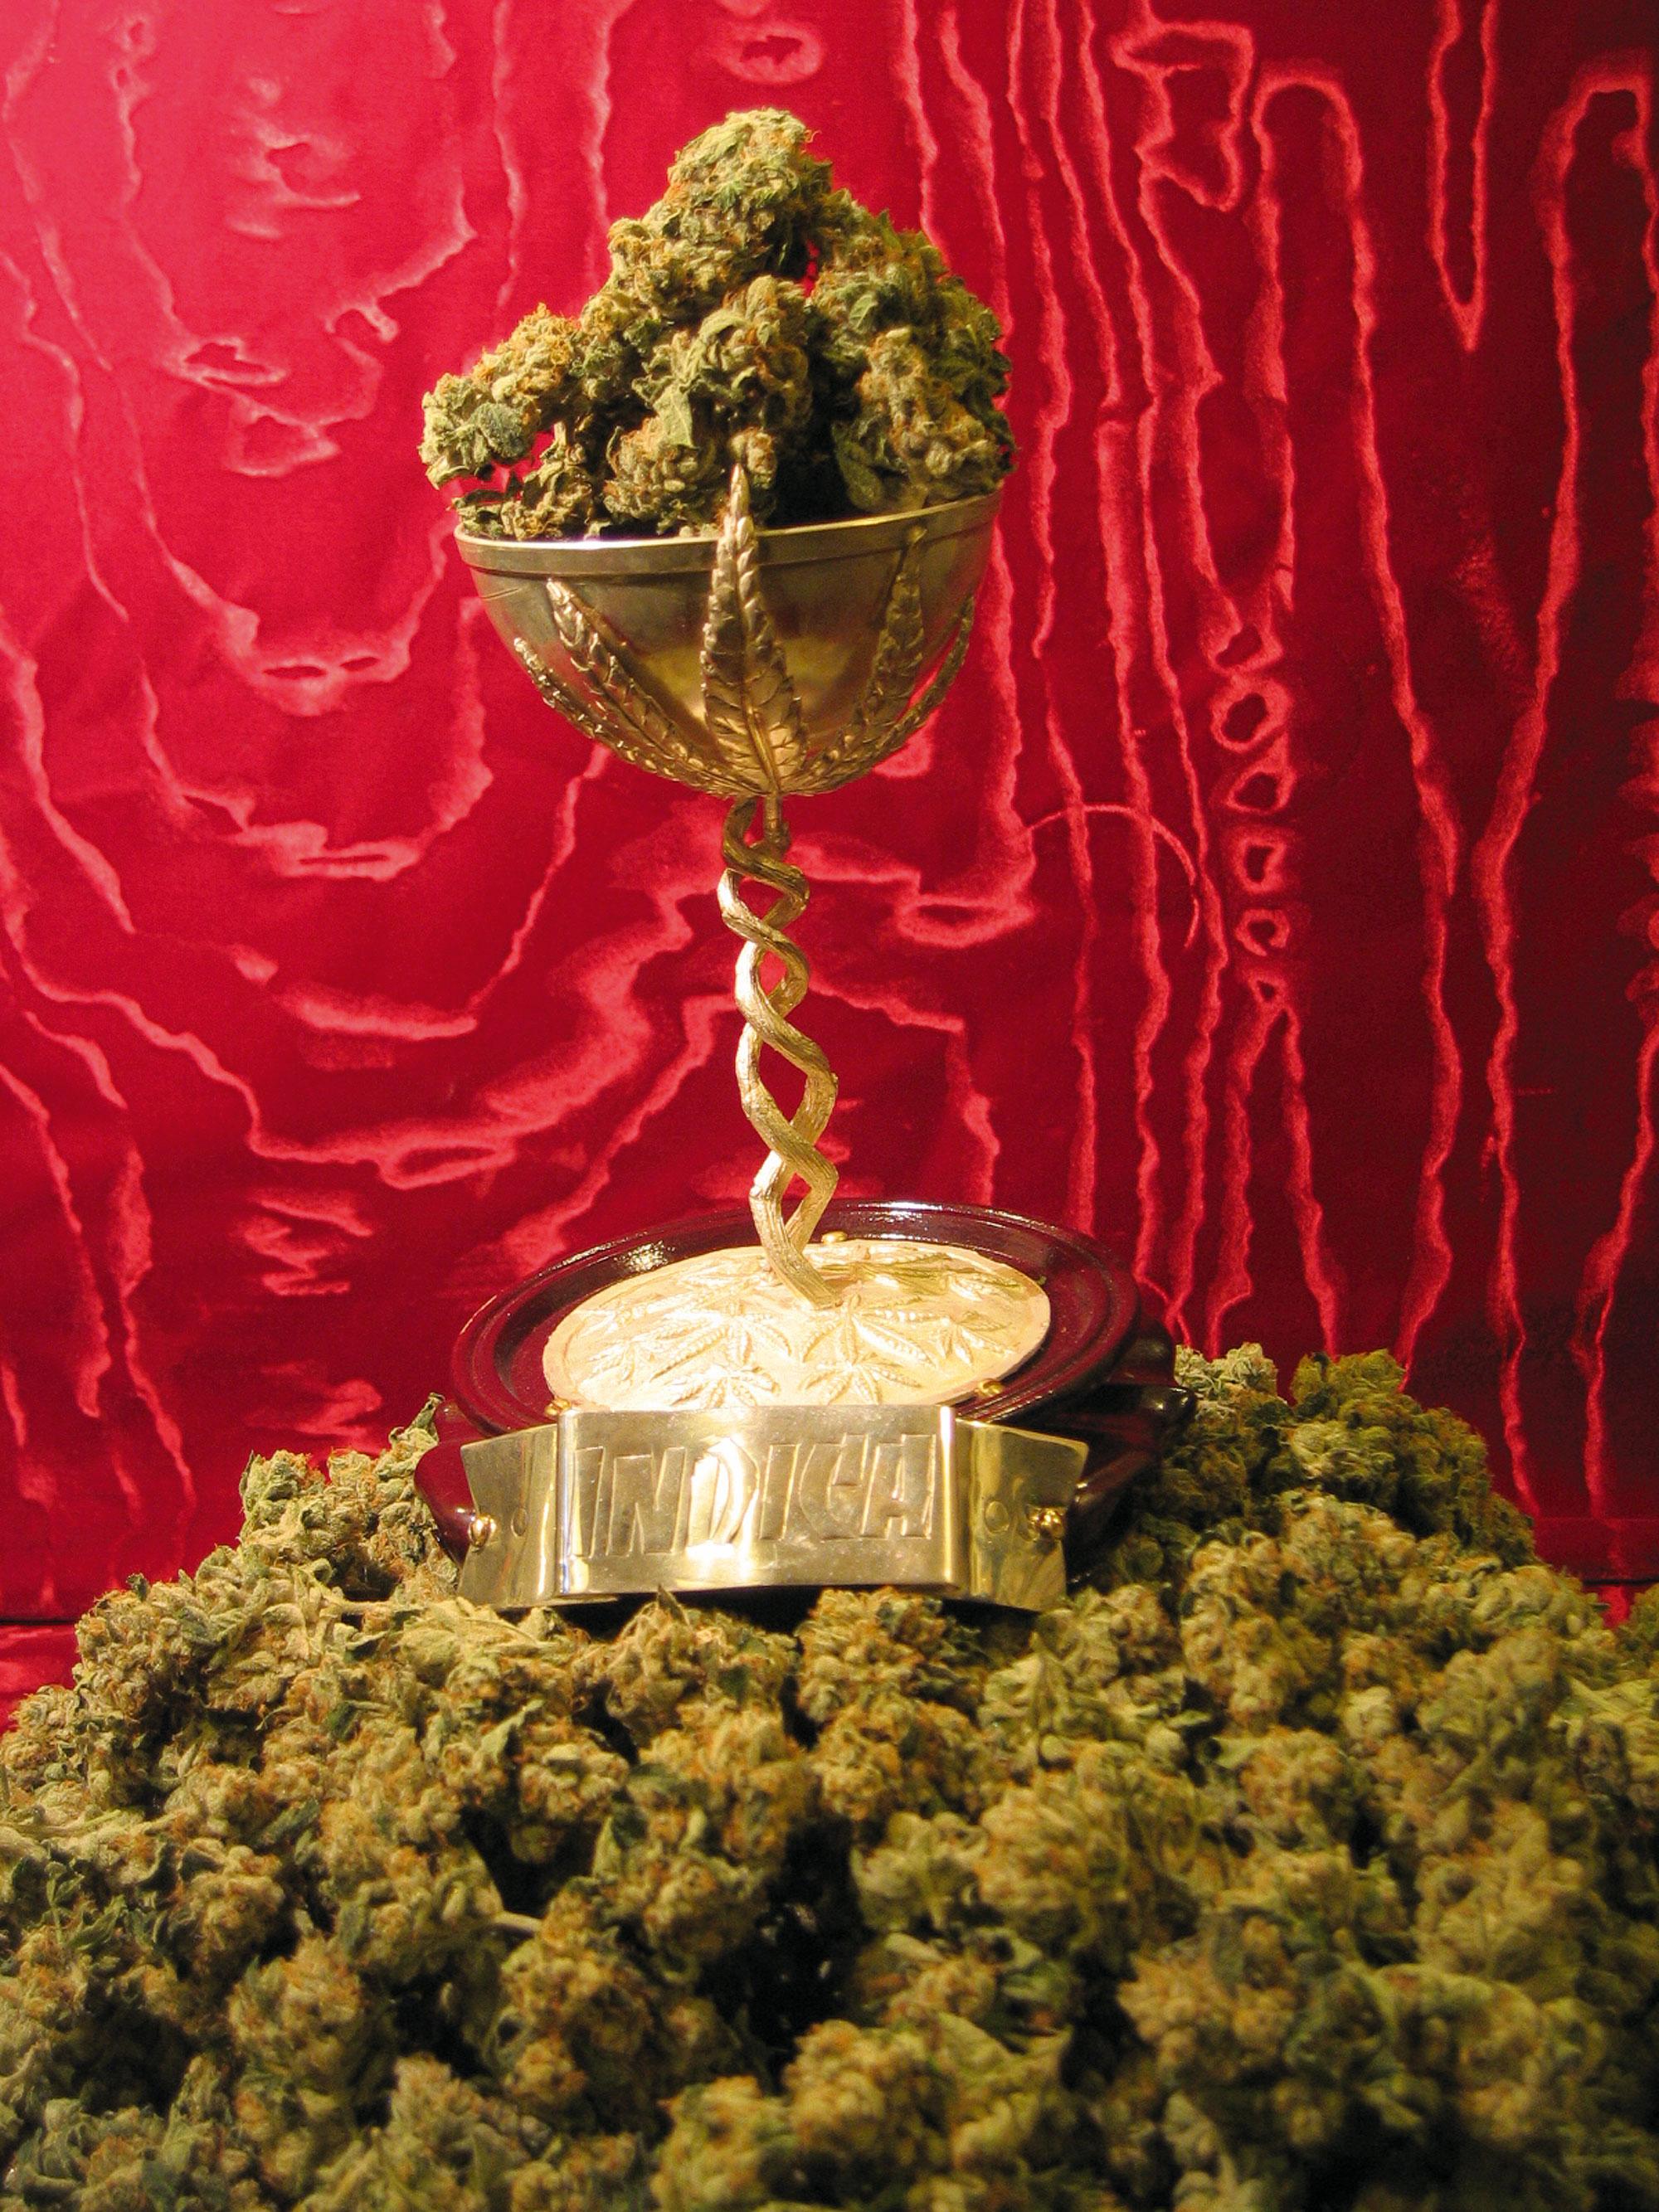 Cannabis-Cup-2013-001